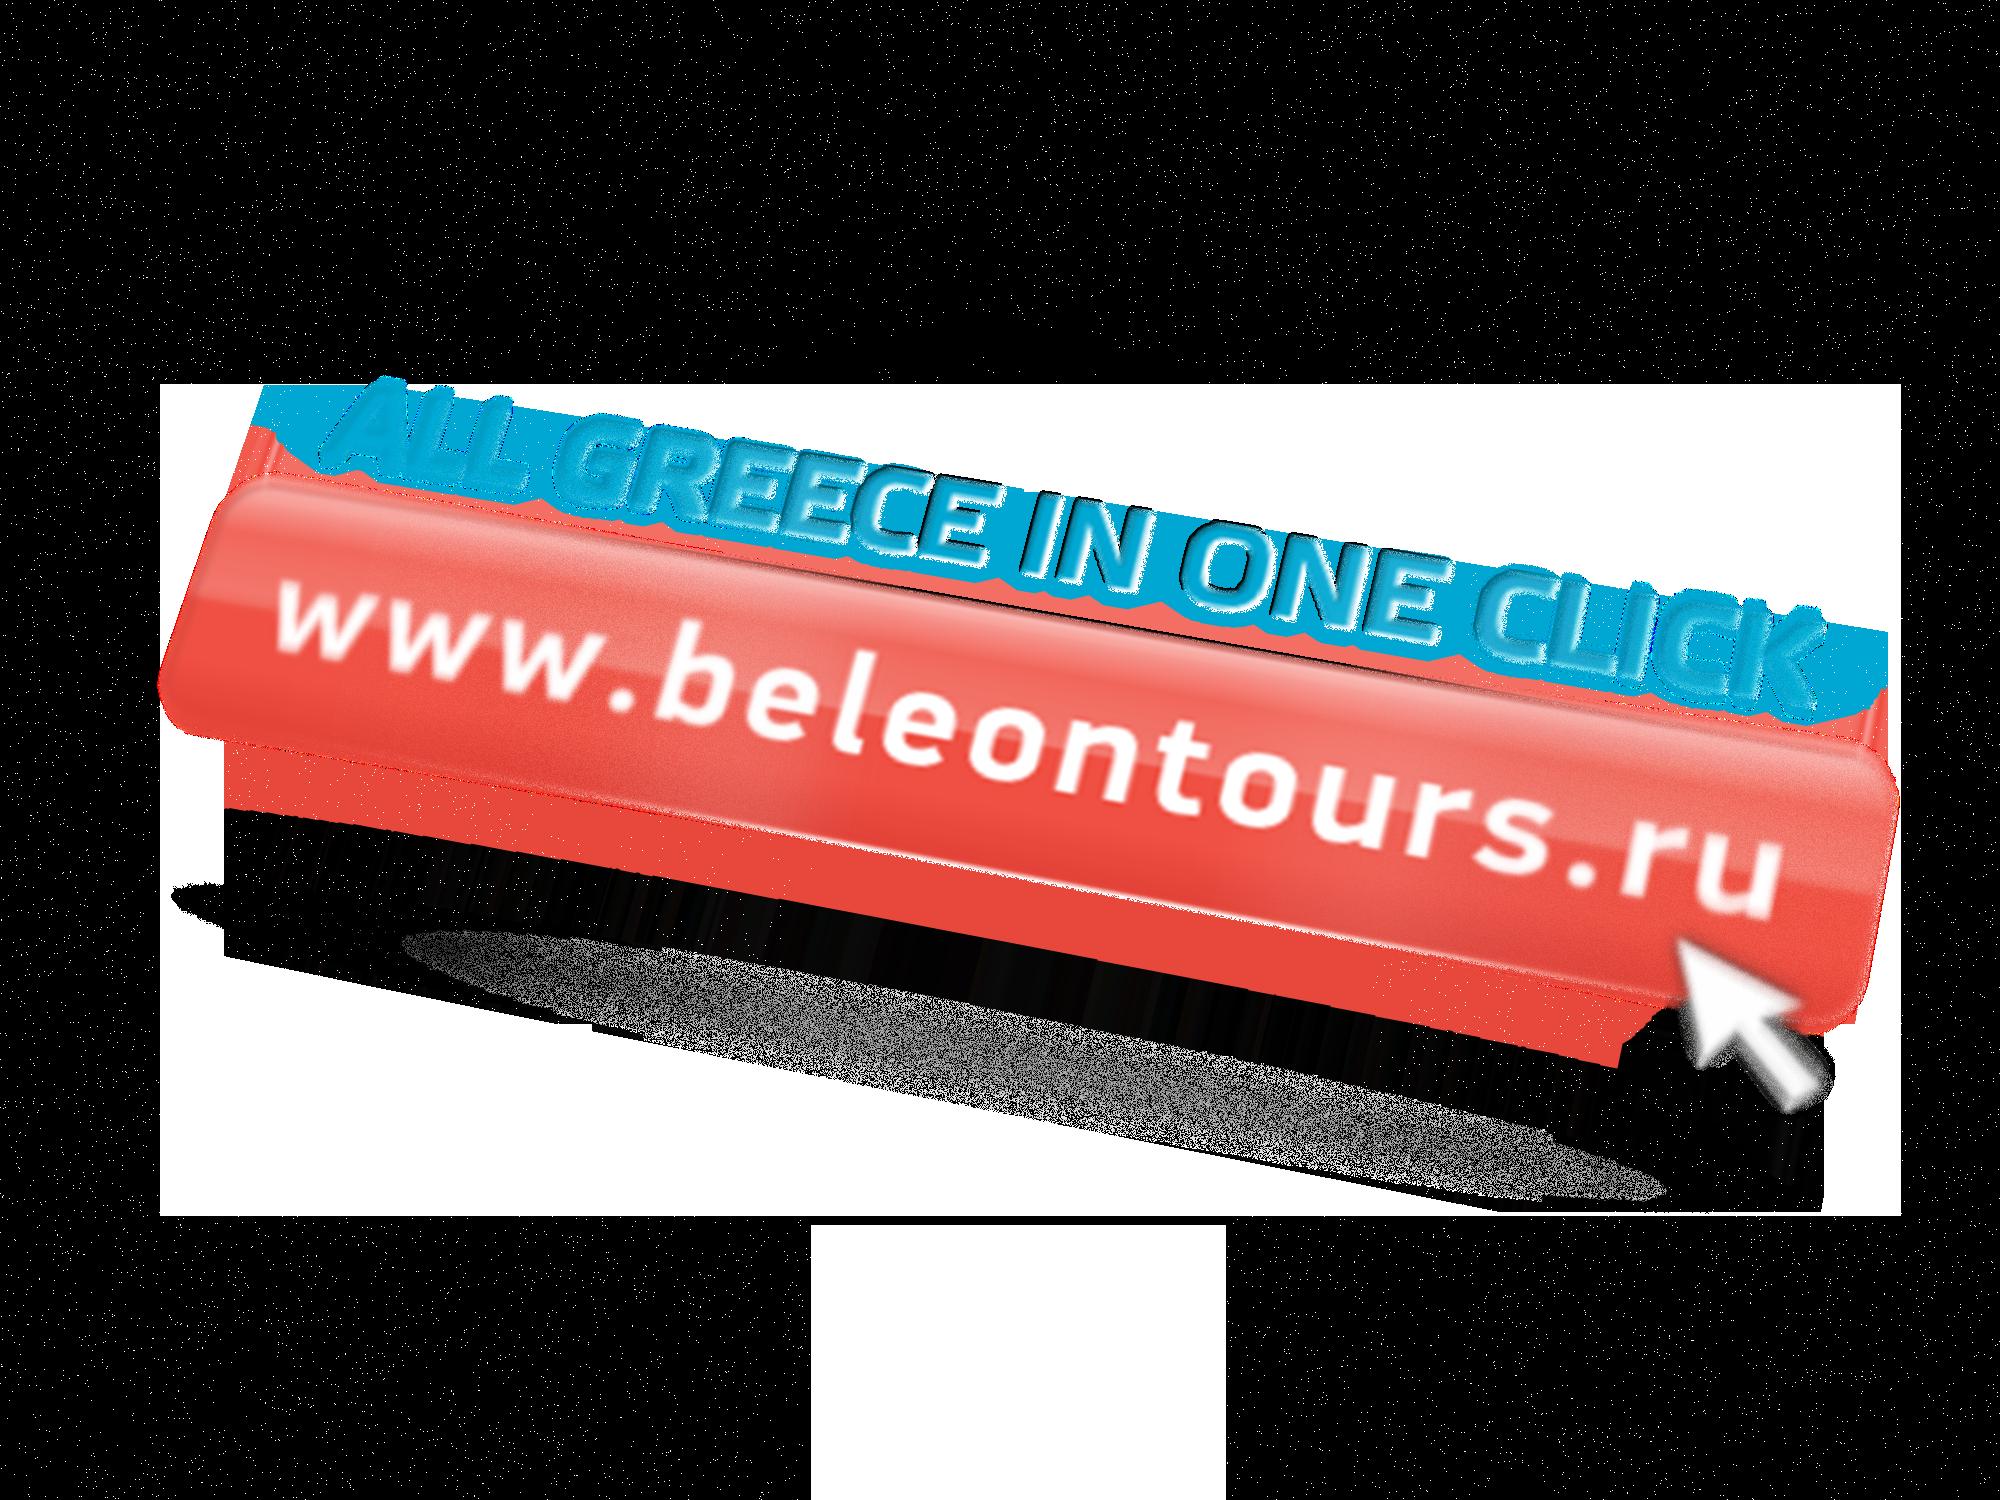 www.beleontours